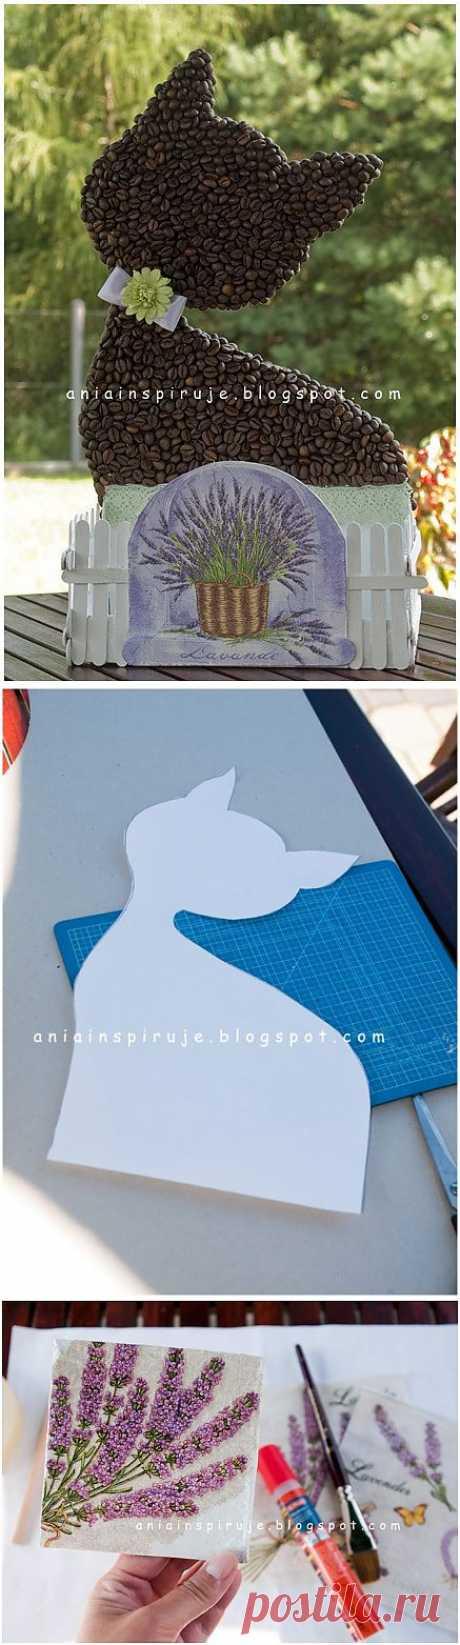 Кофейная кошечка с лавандовым садиком) Декоративная композиция для кухни.